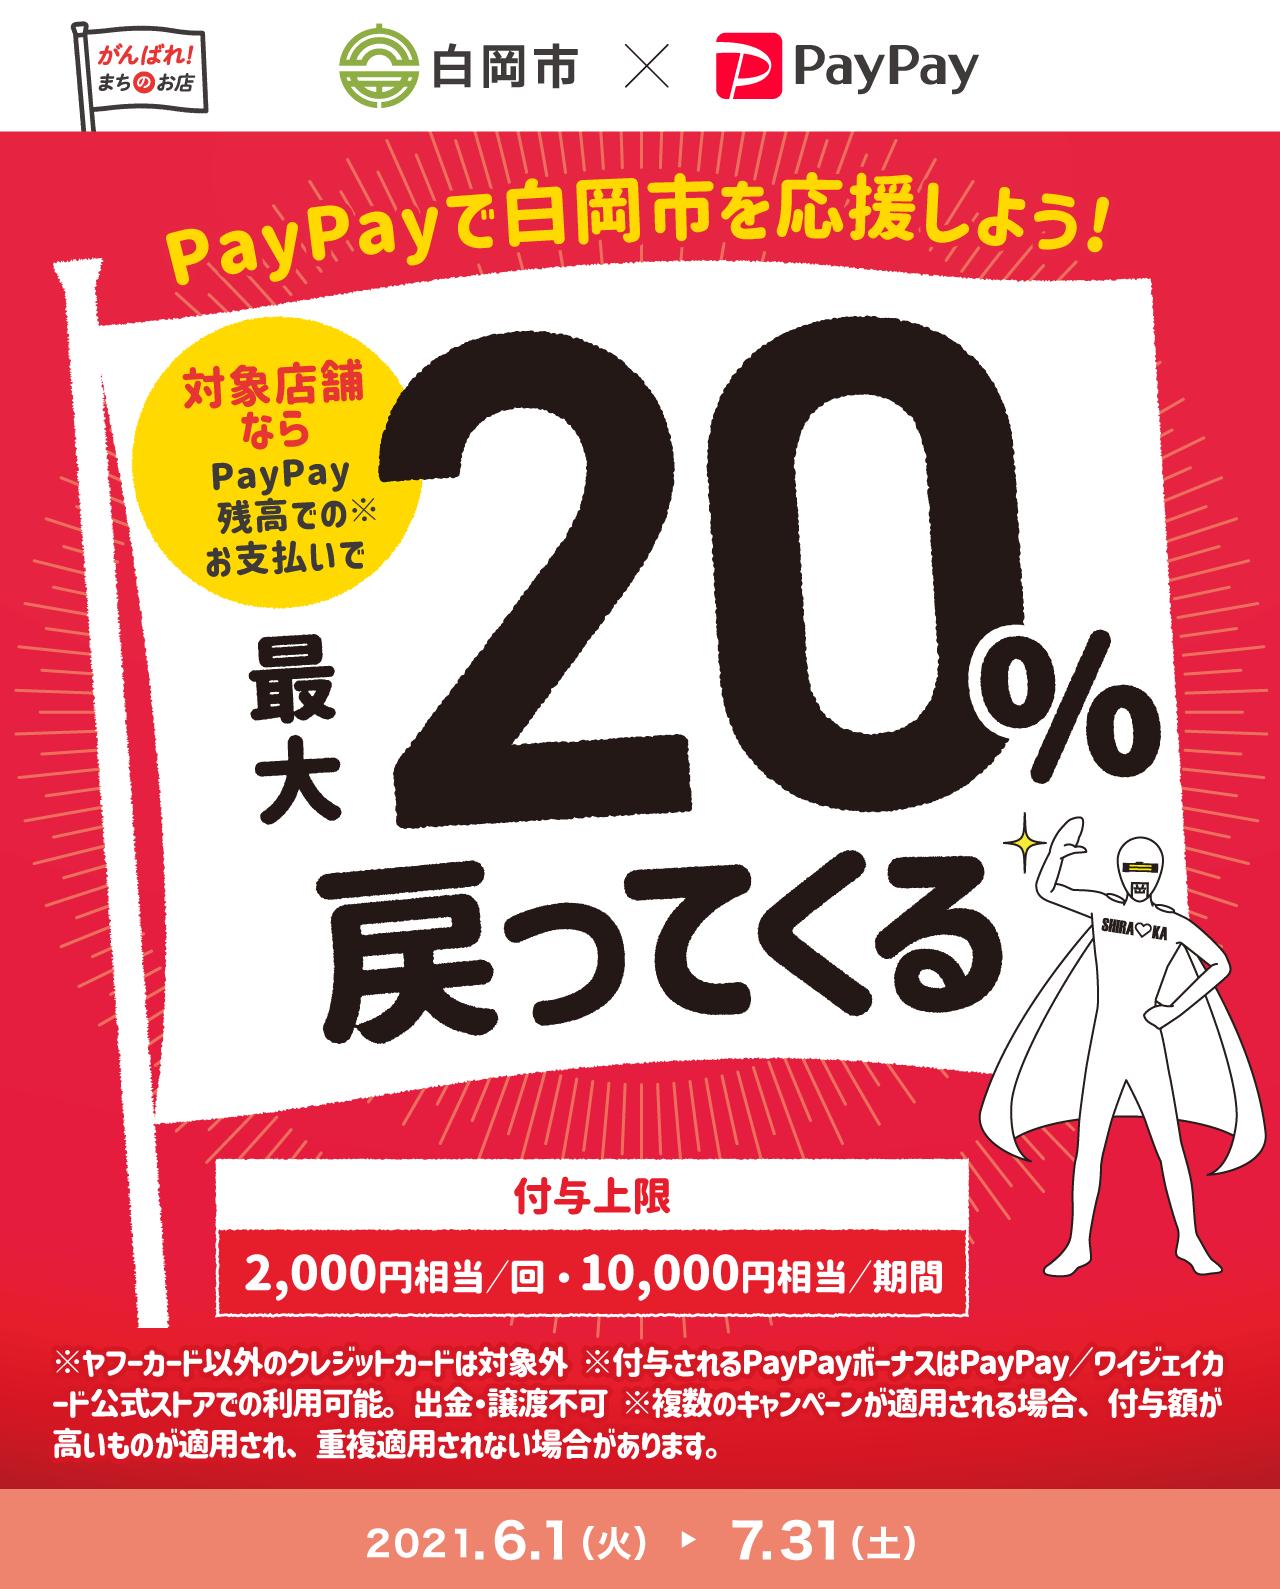 PayPayで白岡市を応援しよう! 対象店舗ならPayPay残高でのお支払いで最大20%戻ってくる